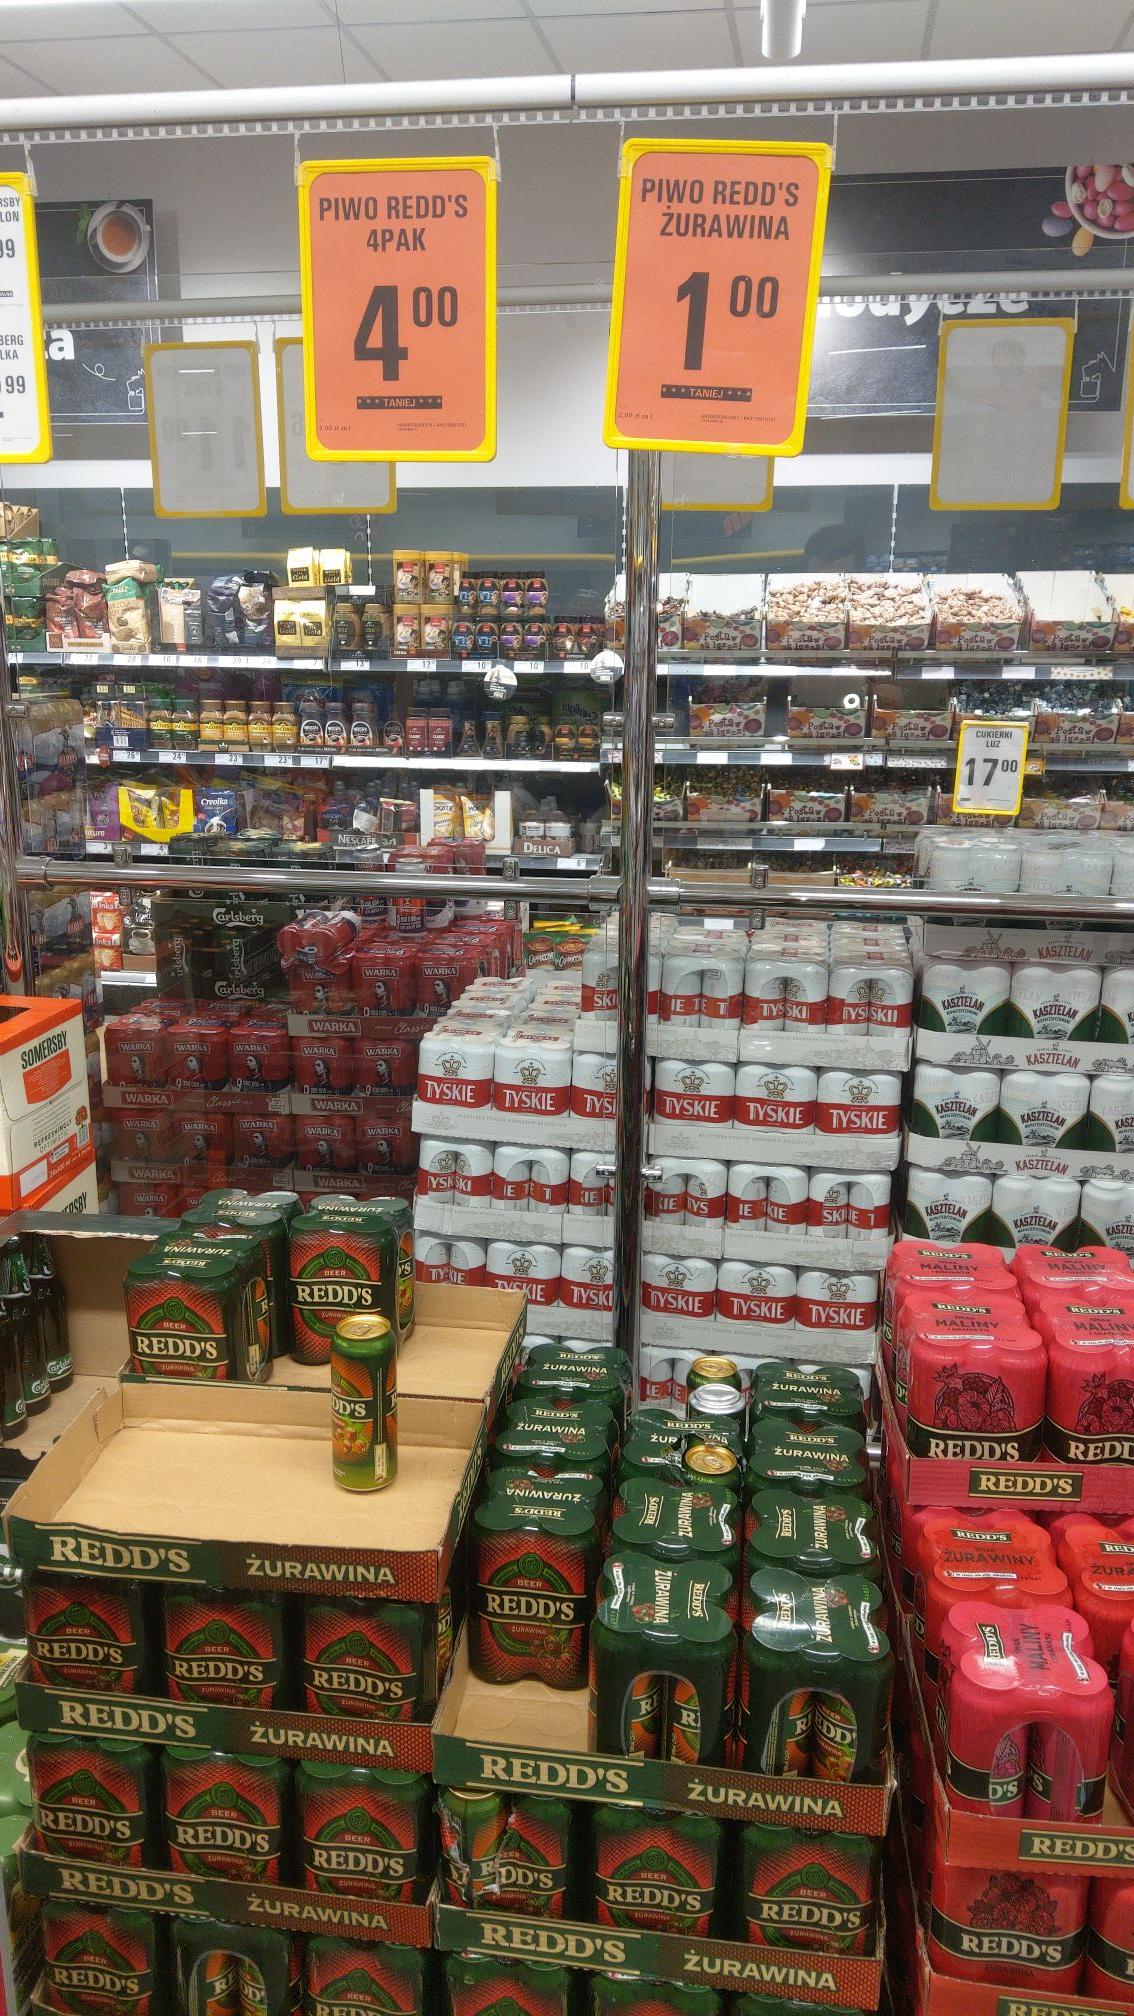 Tanie piwo Redds zurawina - Netto (Strzegom)